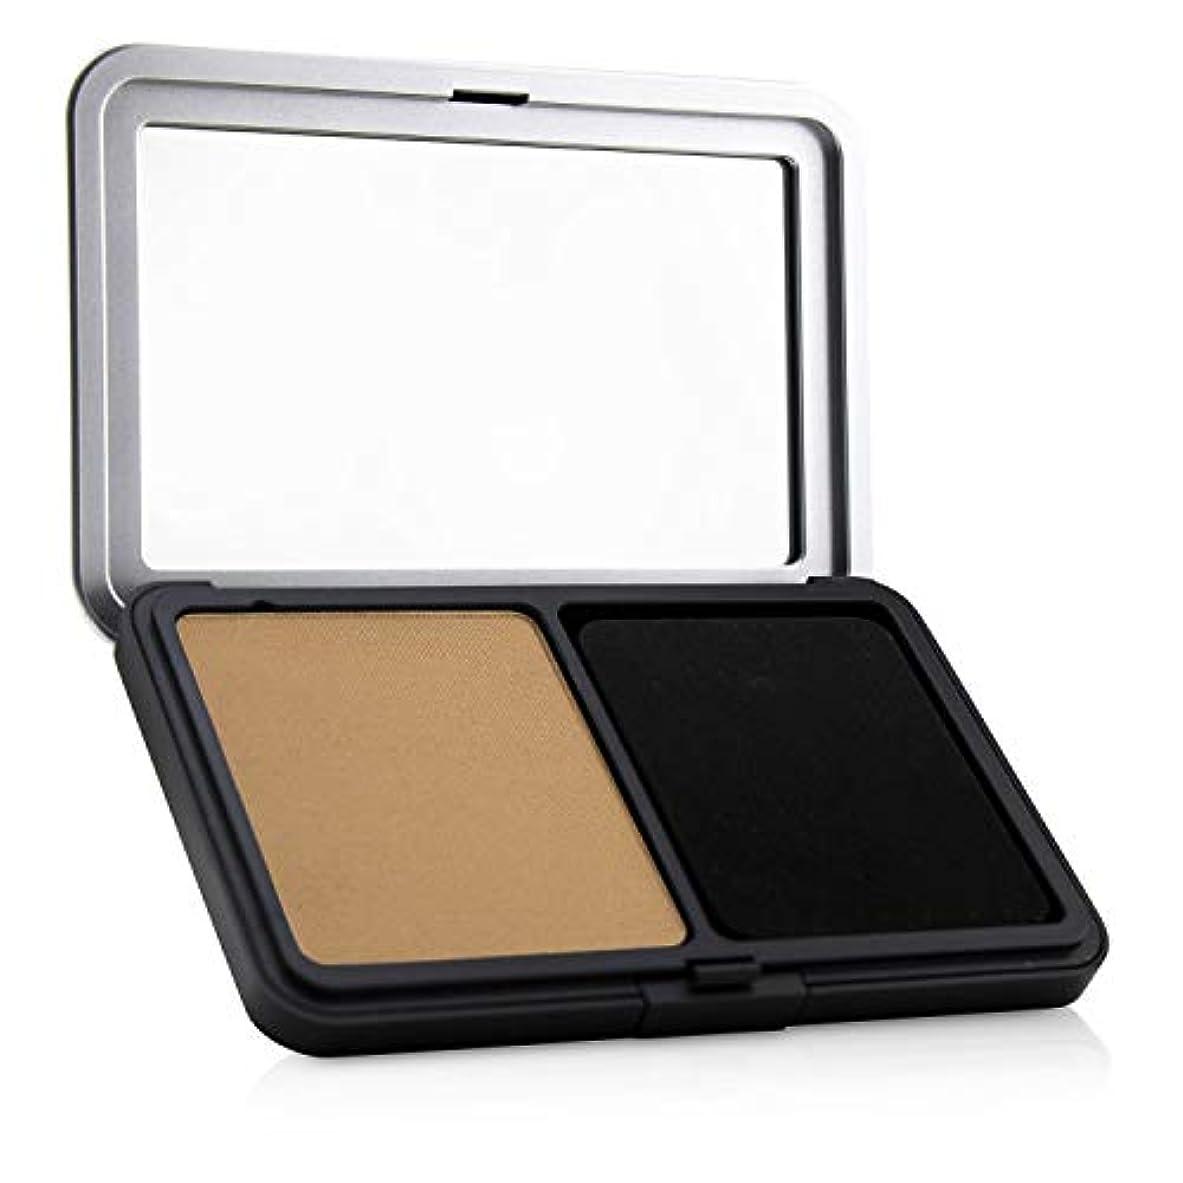 承認する着飾るメイクアップフォーエバー Matte Velvet Skin Blurring Powder Foundation - # R370 (Medium Beige) 11g/0.38oz並行輸入品